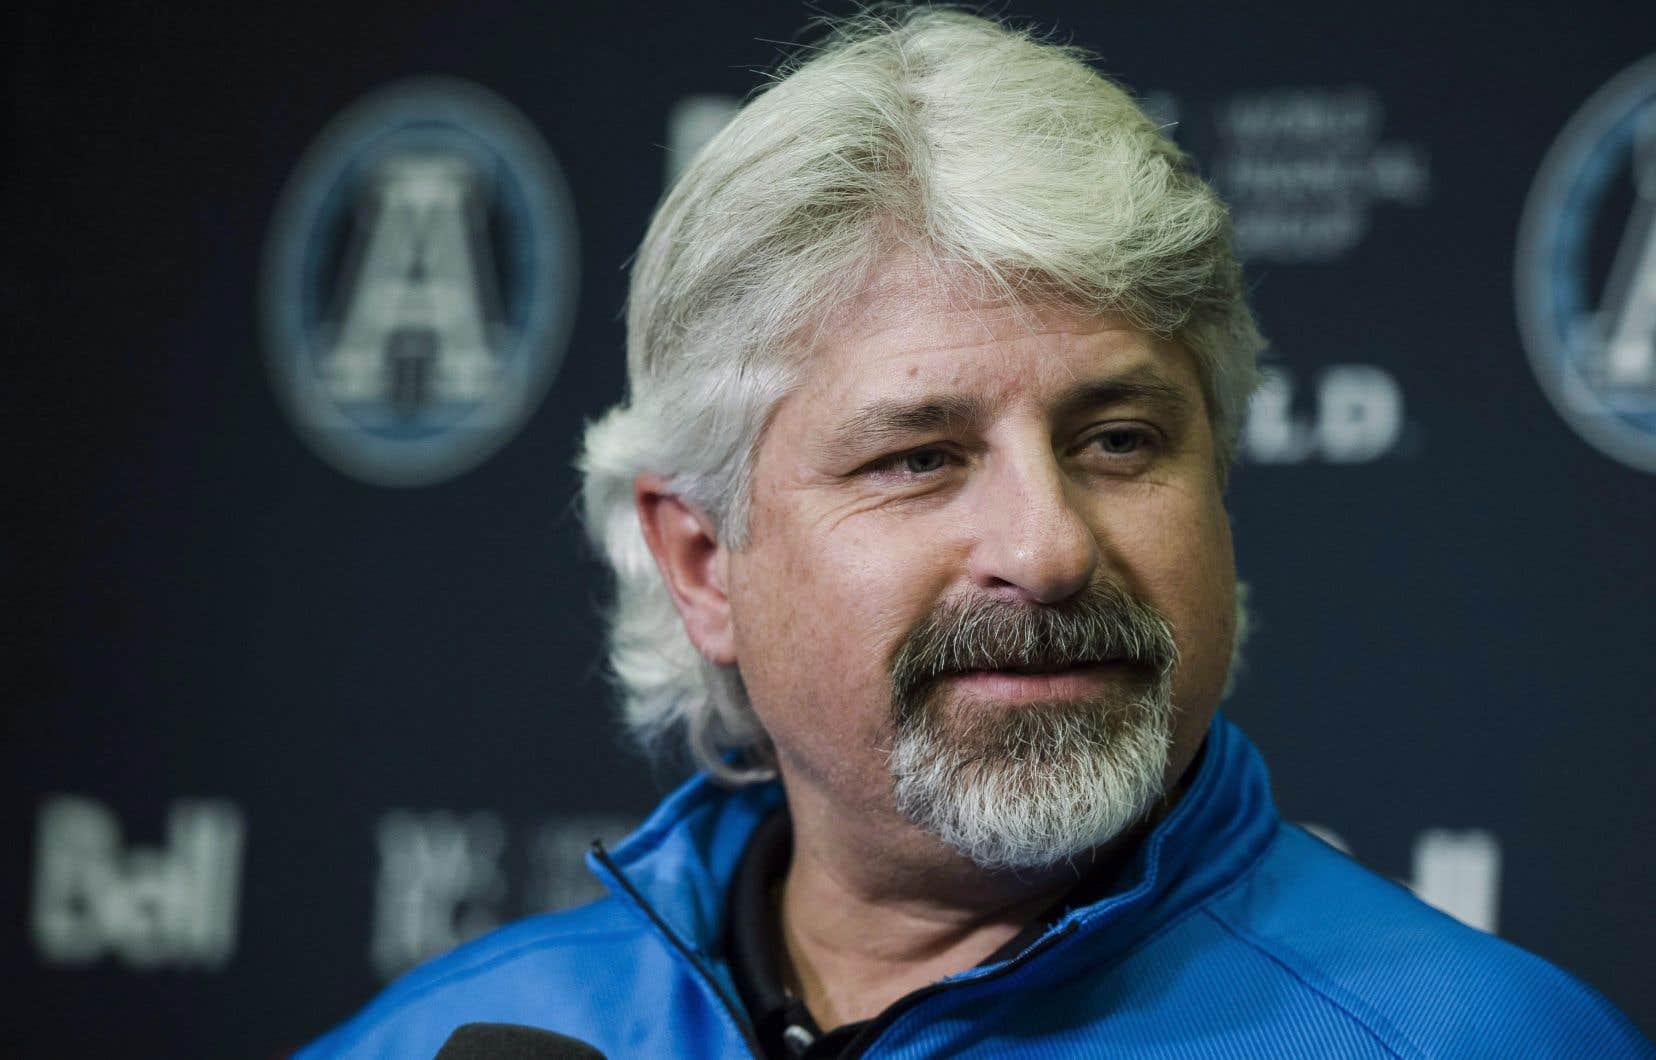 Le directeur général des Argonauts de Toronto disposera du premier choix au repêchage de la LCF jeudi soir, ce qui ne s'était jamais produit auparavant dans sa carrière de plus de 20 saisons dans le circuit canadien.